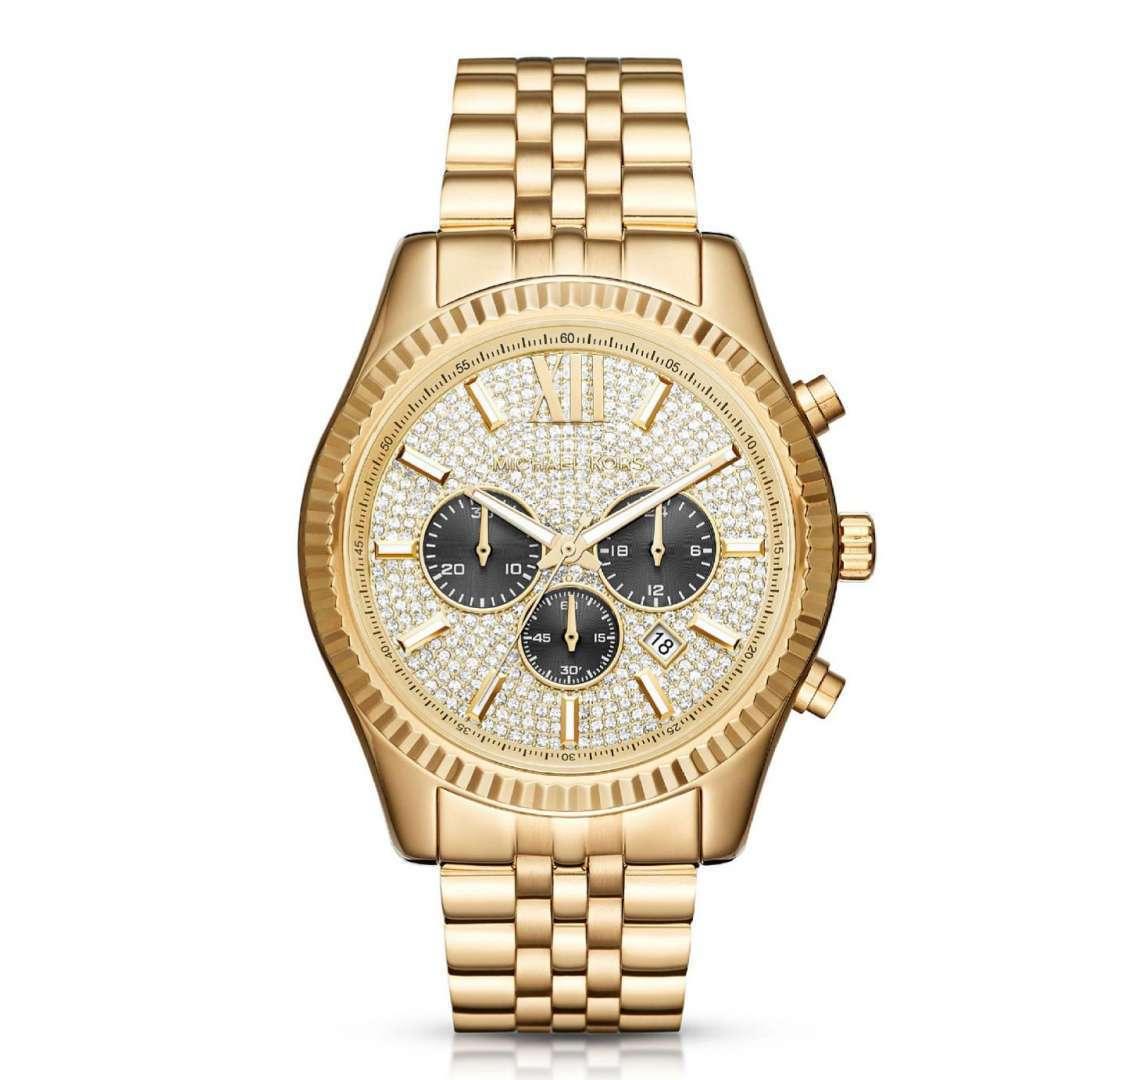 שעון יד אנלוגי לגבר michael kors mk8494 מייקל קורס